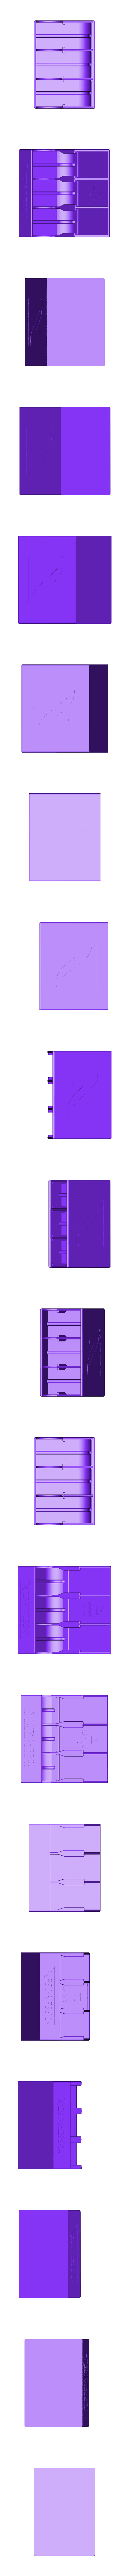 nespresso_capsule_dispenser_what_else.stl Télécharger fichier STL gratuit Distributeur de capsules Nespresso • Modèle pour imprimante 3D, MatFeex